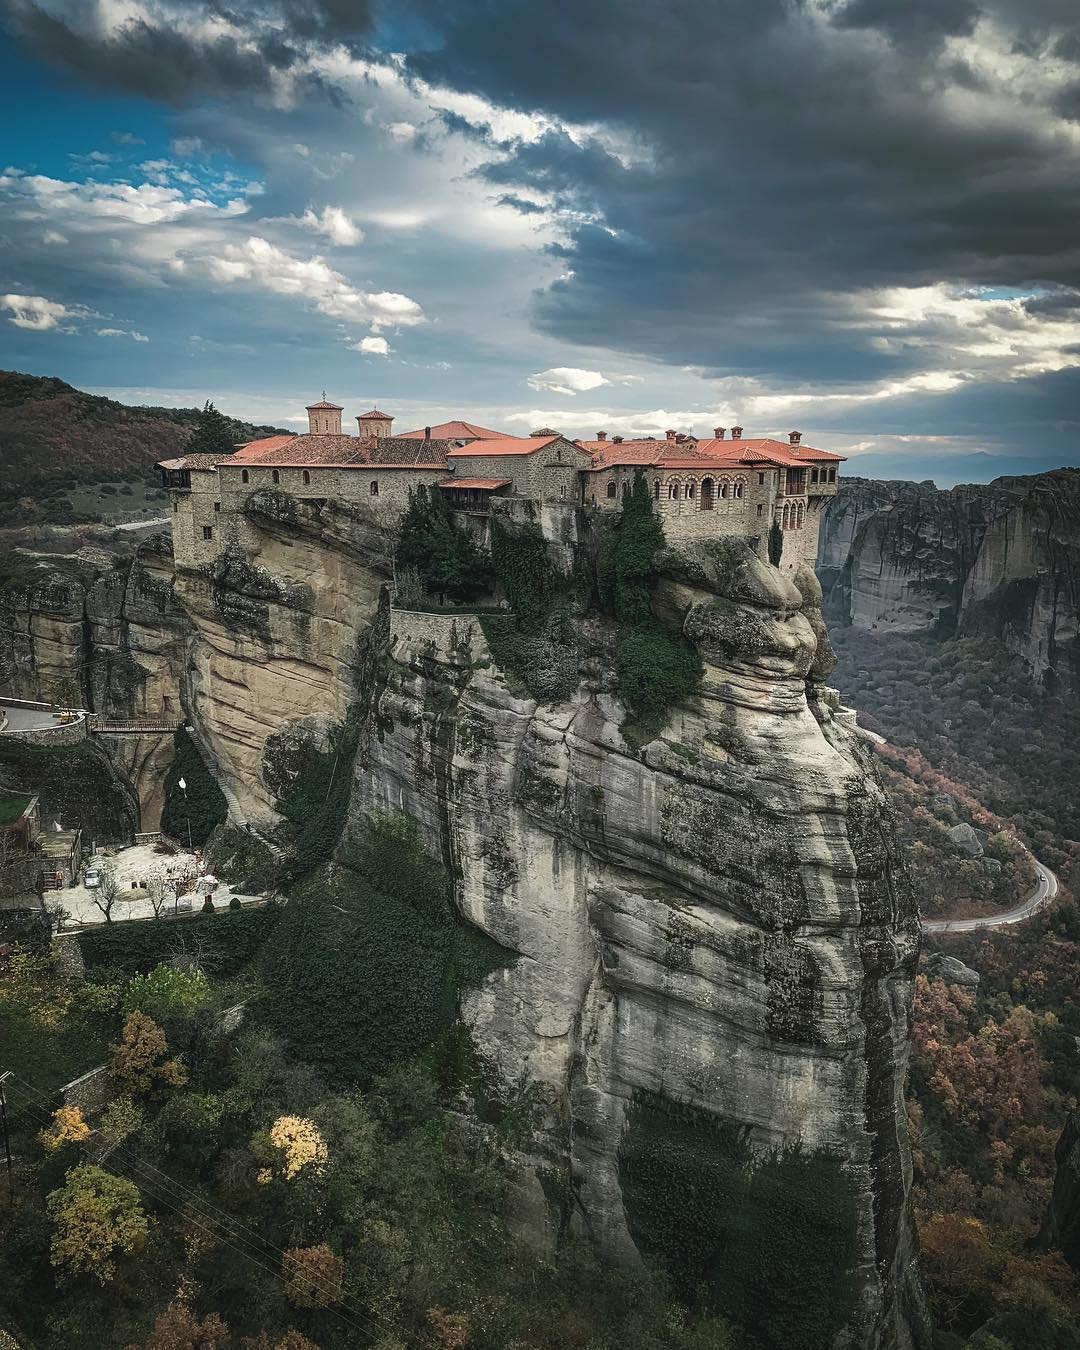 Пейзажи и путешествия на снимках Денниса Шмельца